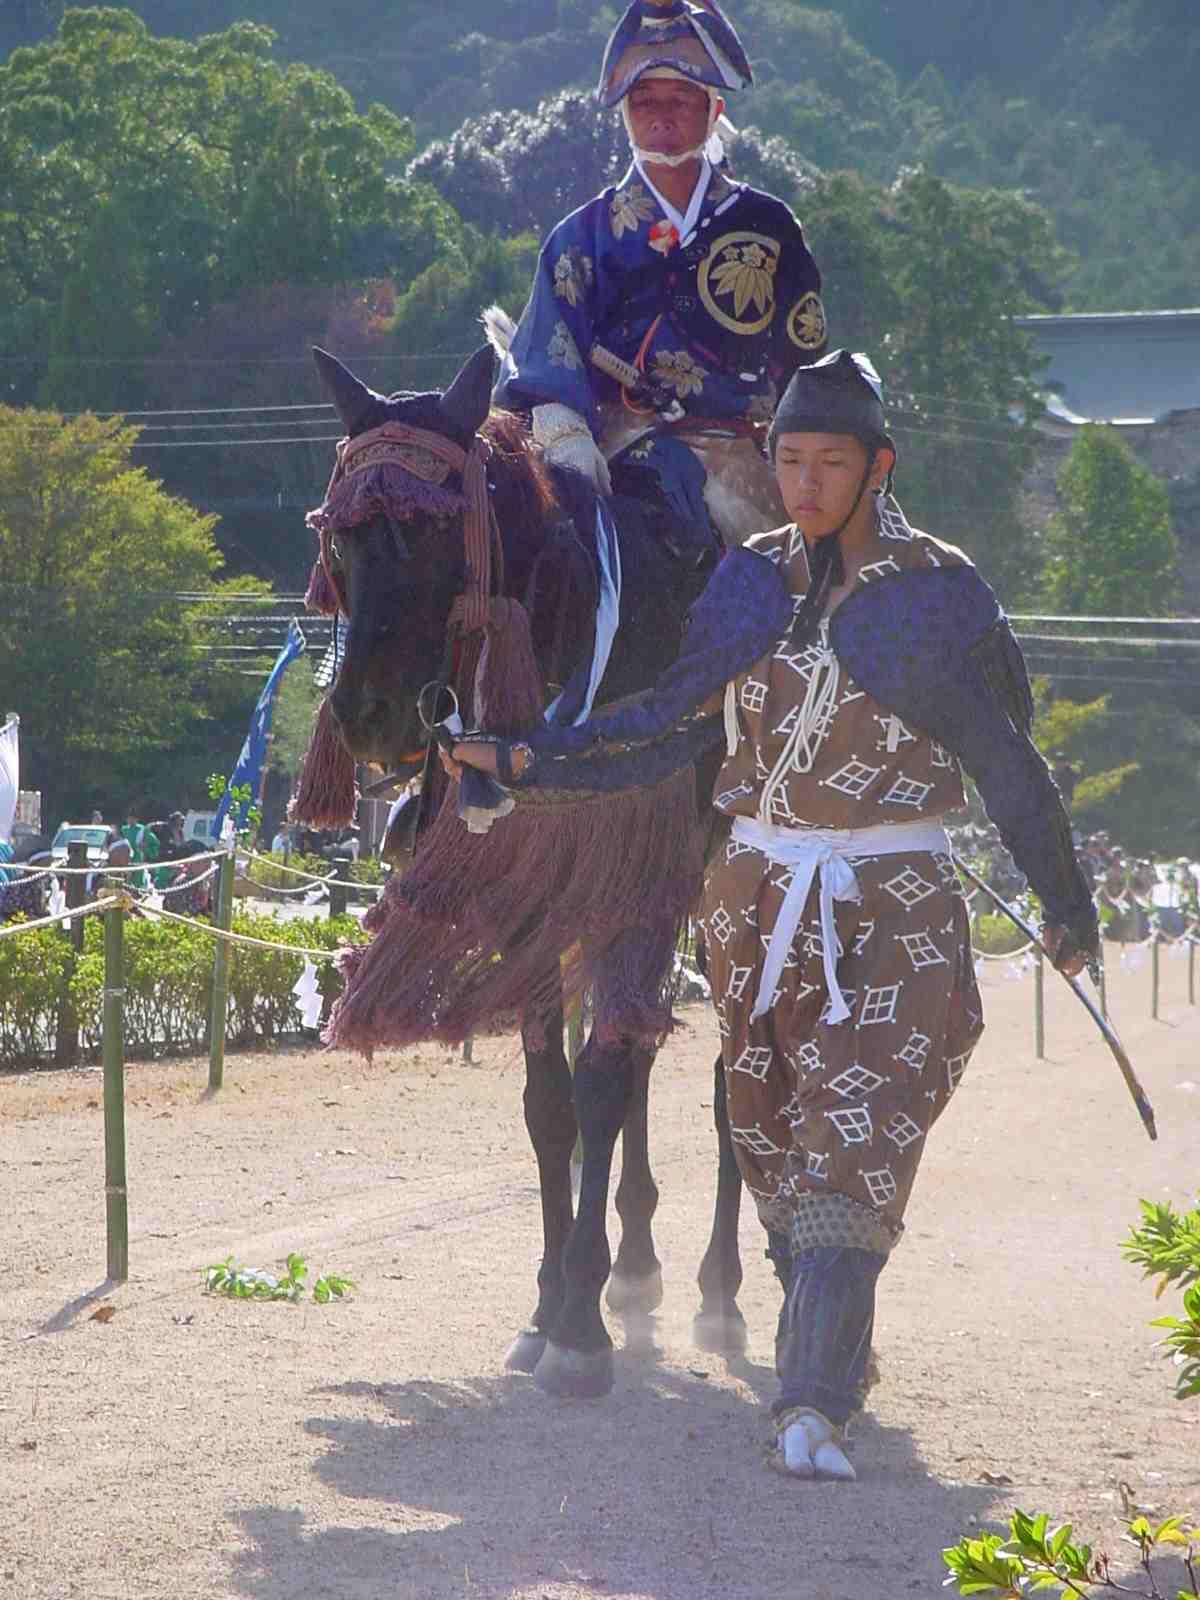 武雄の秋祭り「流鏑馬」_f0040201_13574838.jpg